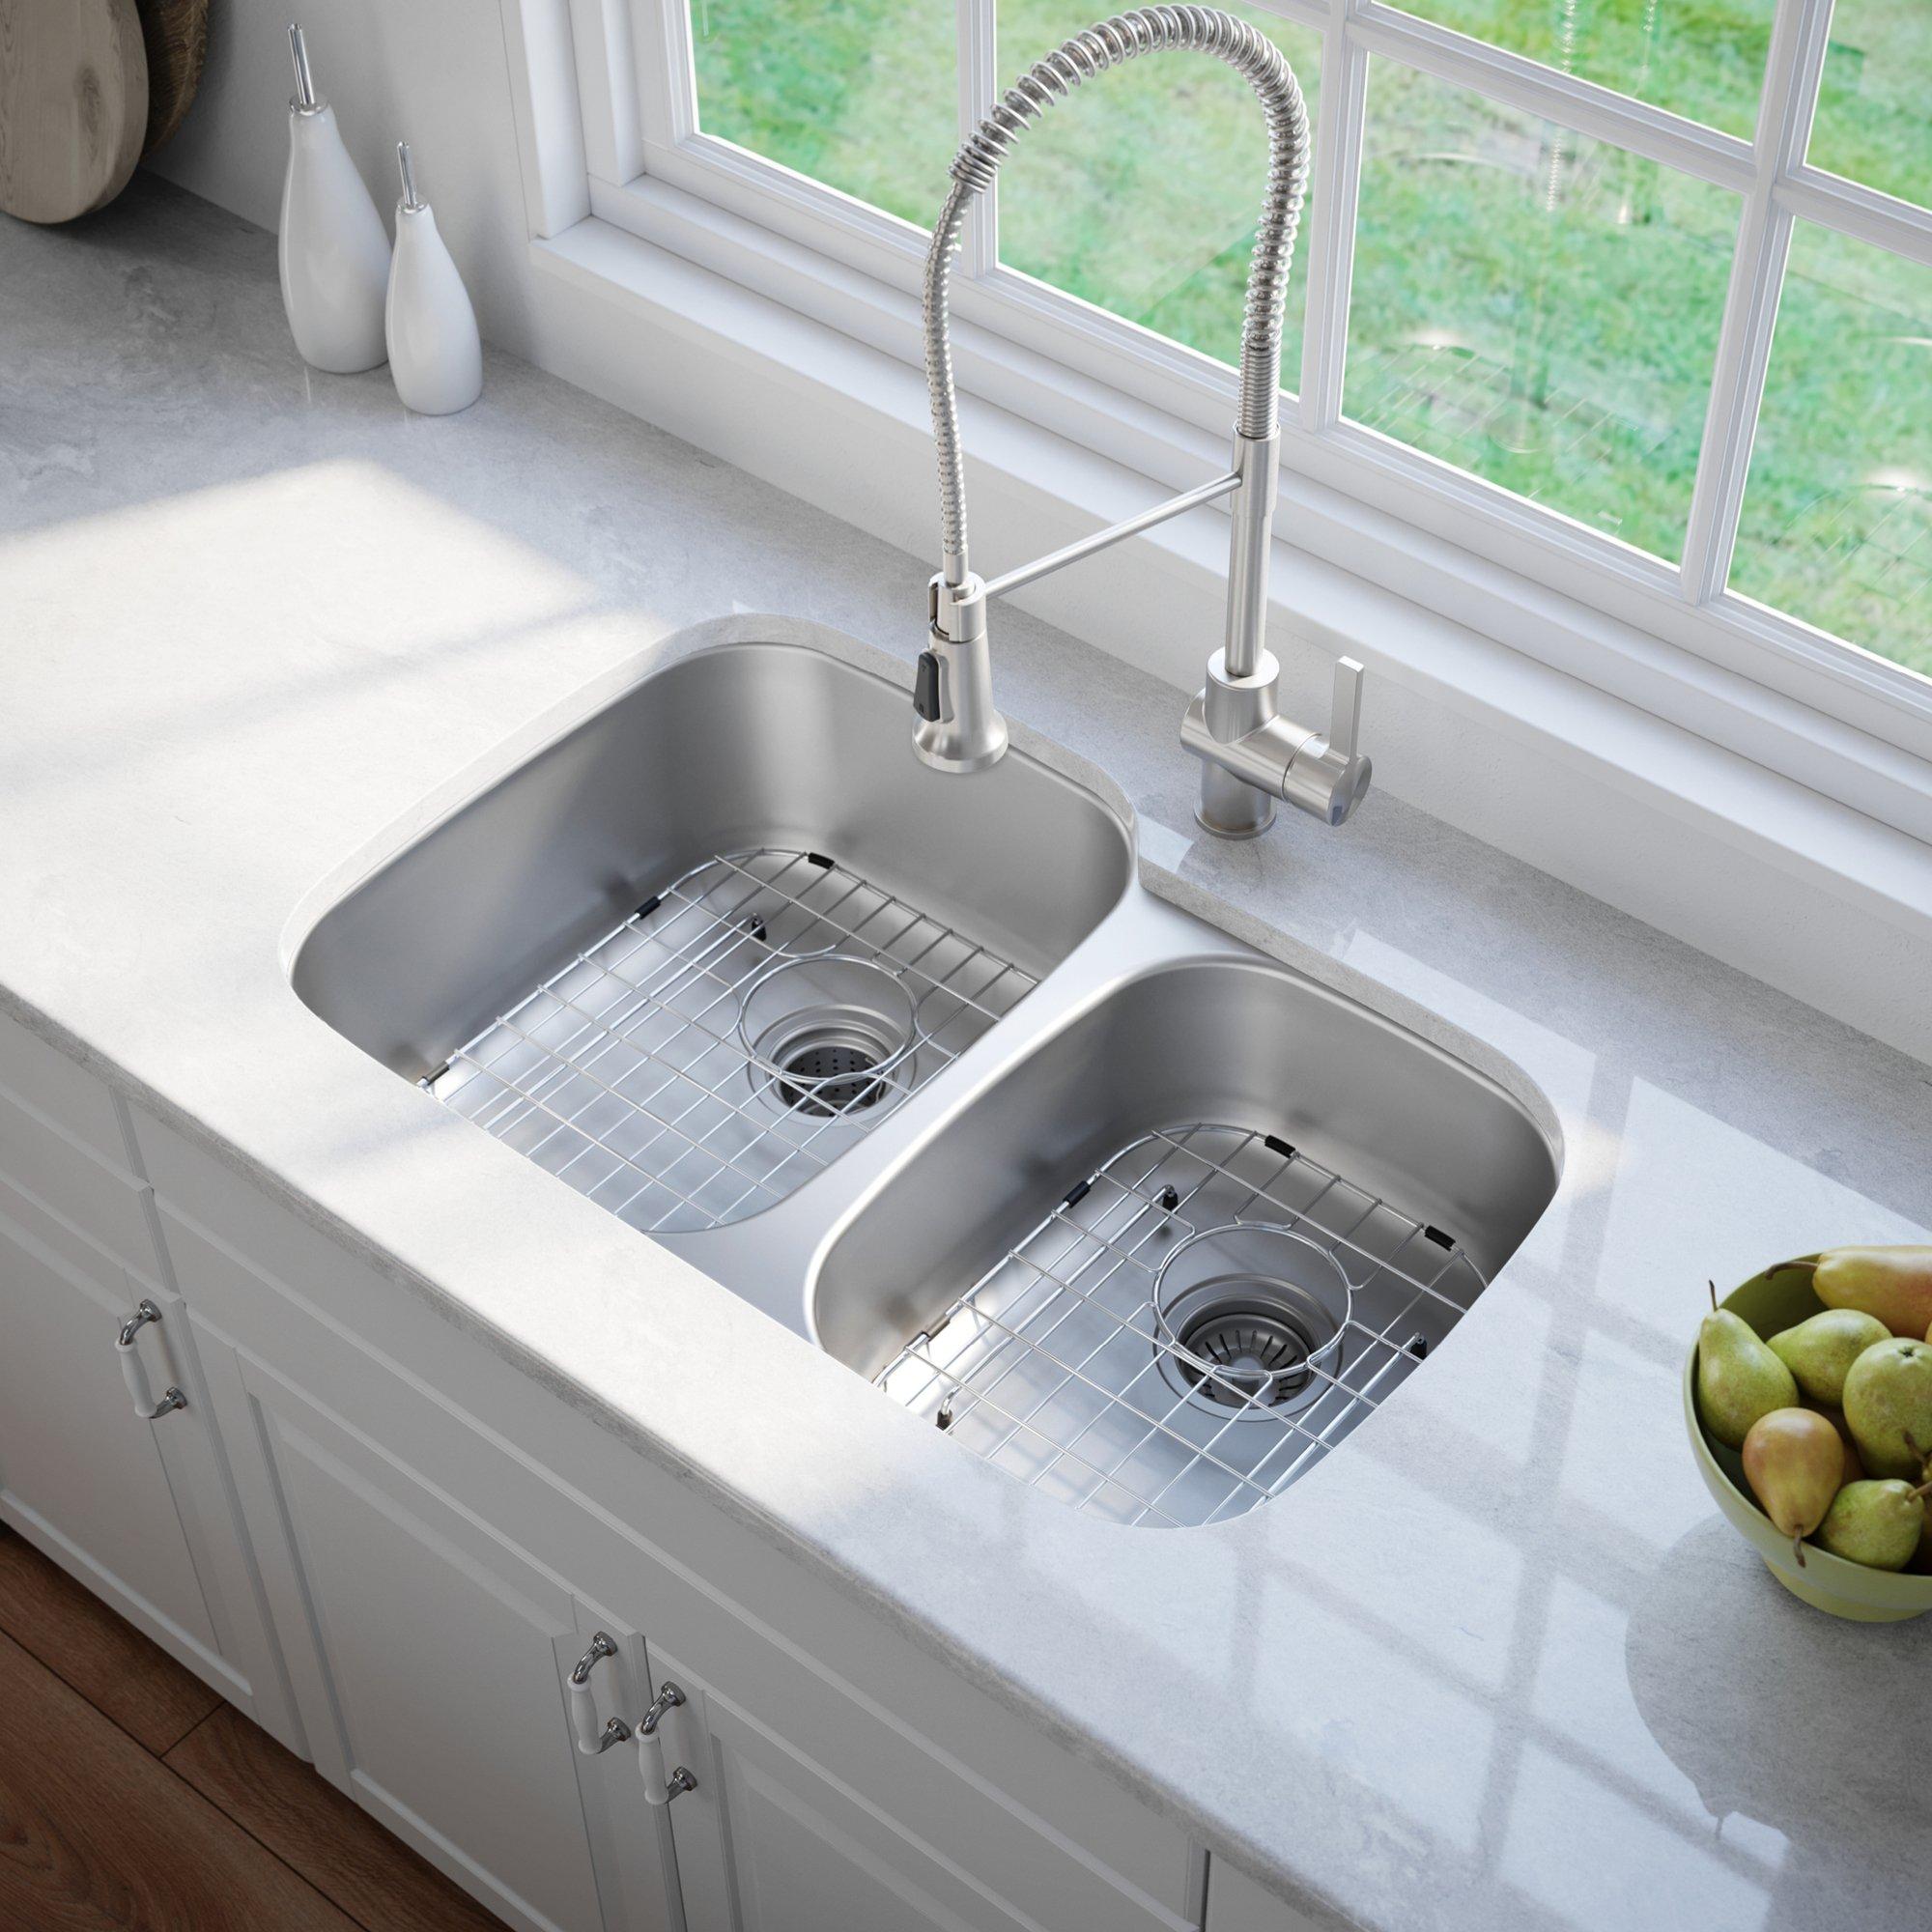 Kraus KBU24 32 inch Undermount 60/40 Double Bowl 16 gauge Stainless Steel Kitchen Sink by Kraus (Image #3)